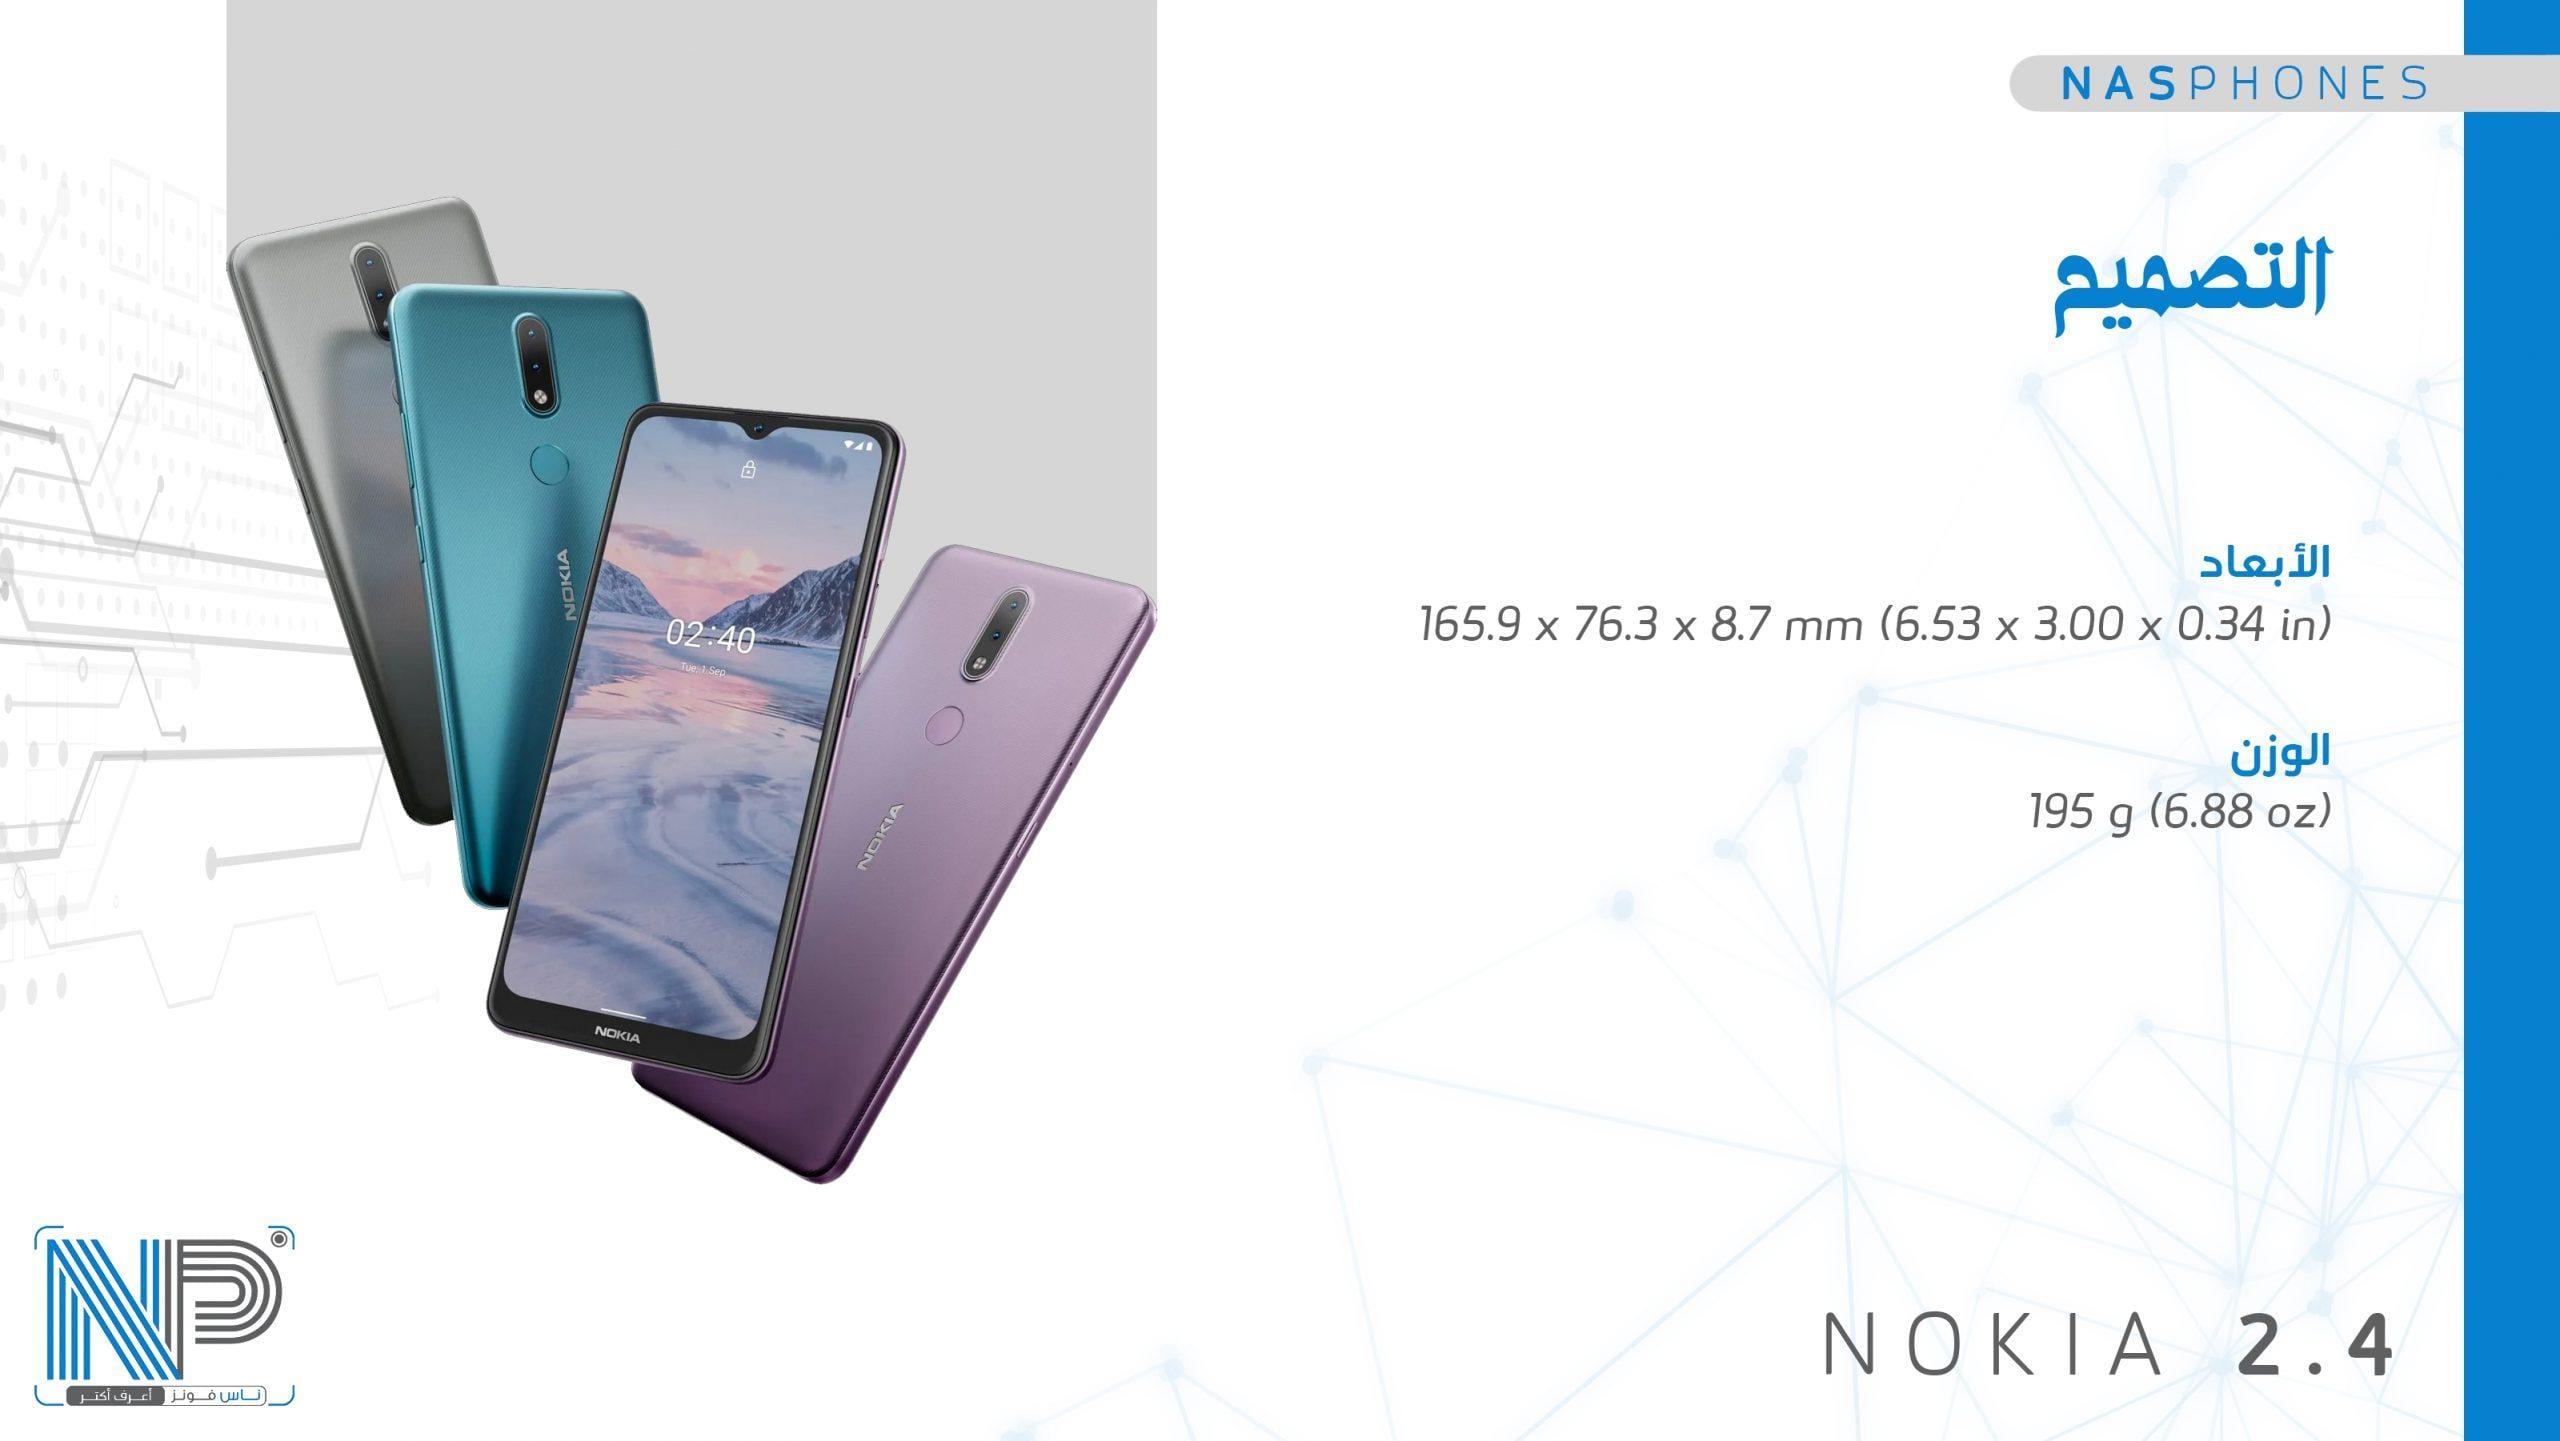 تصميم موبايل Nokia 2.4